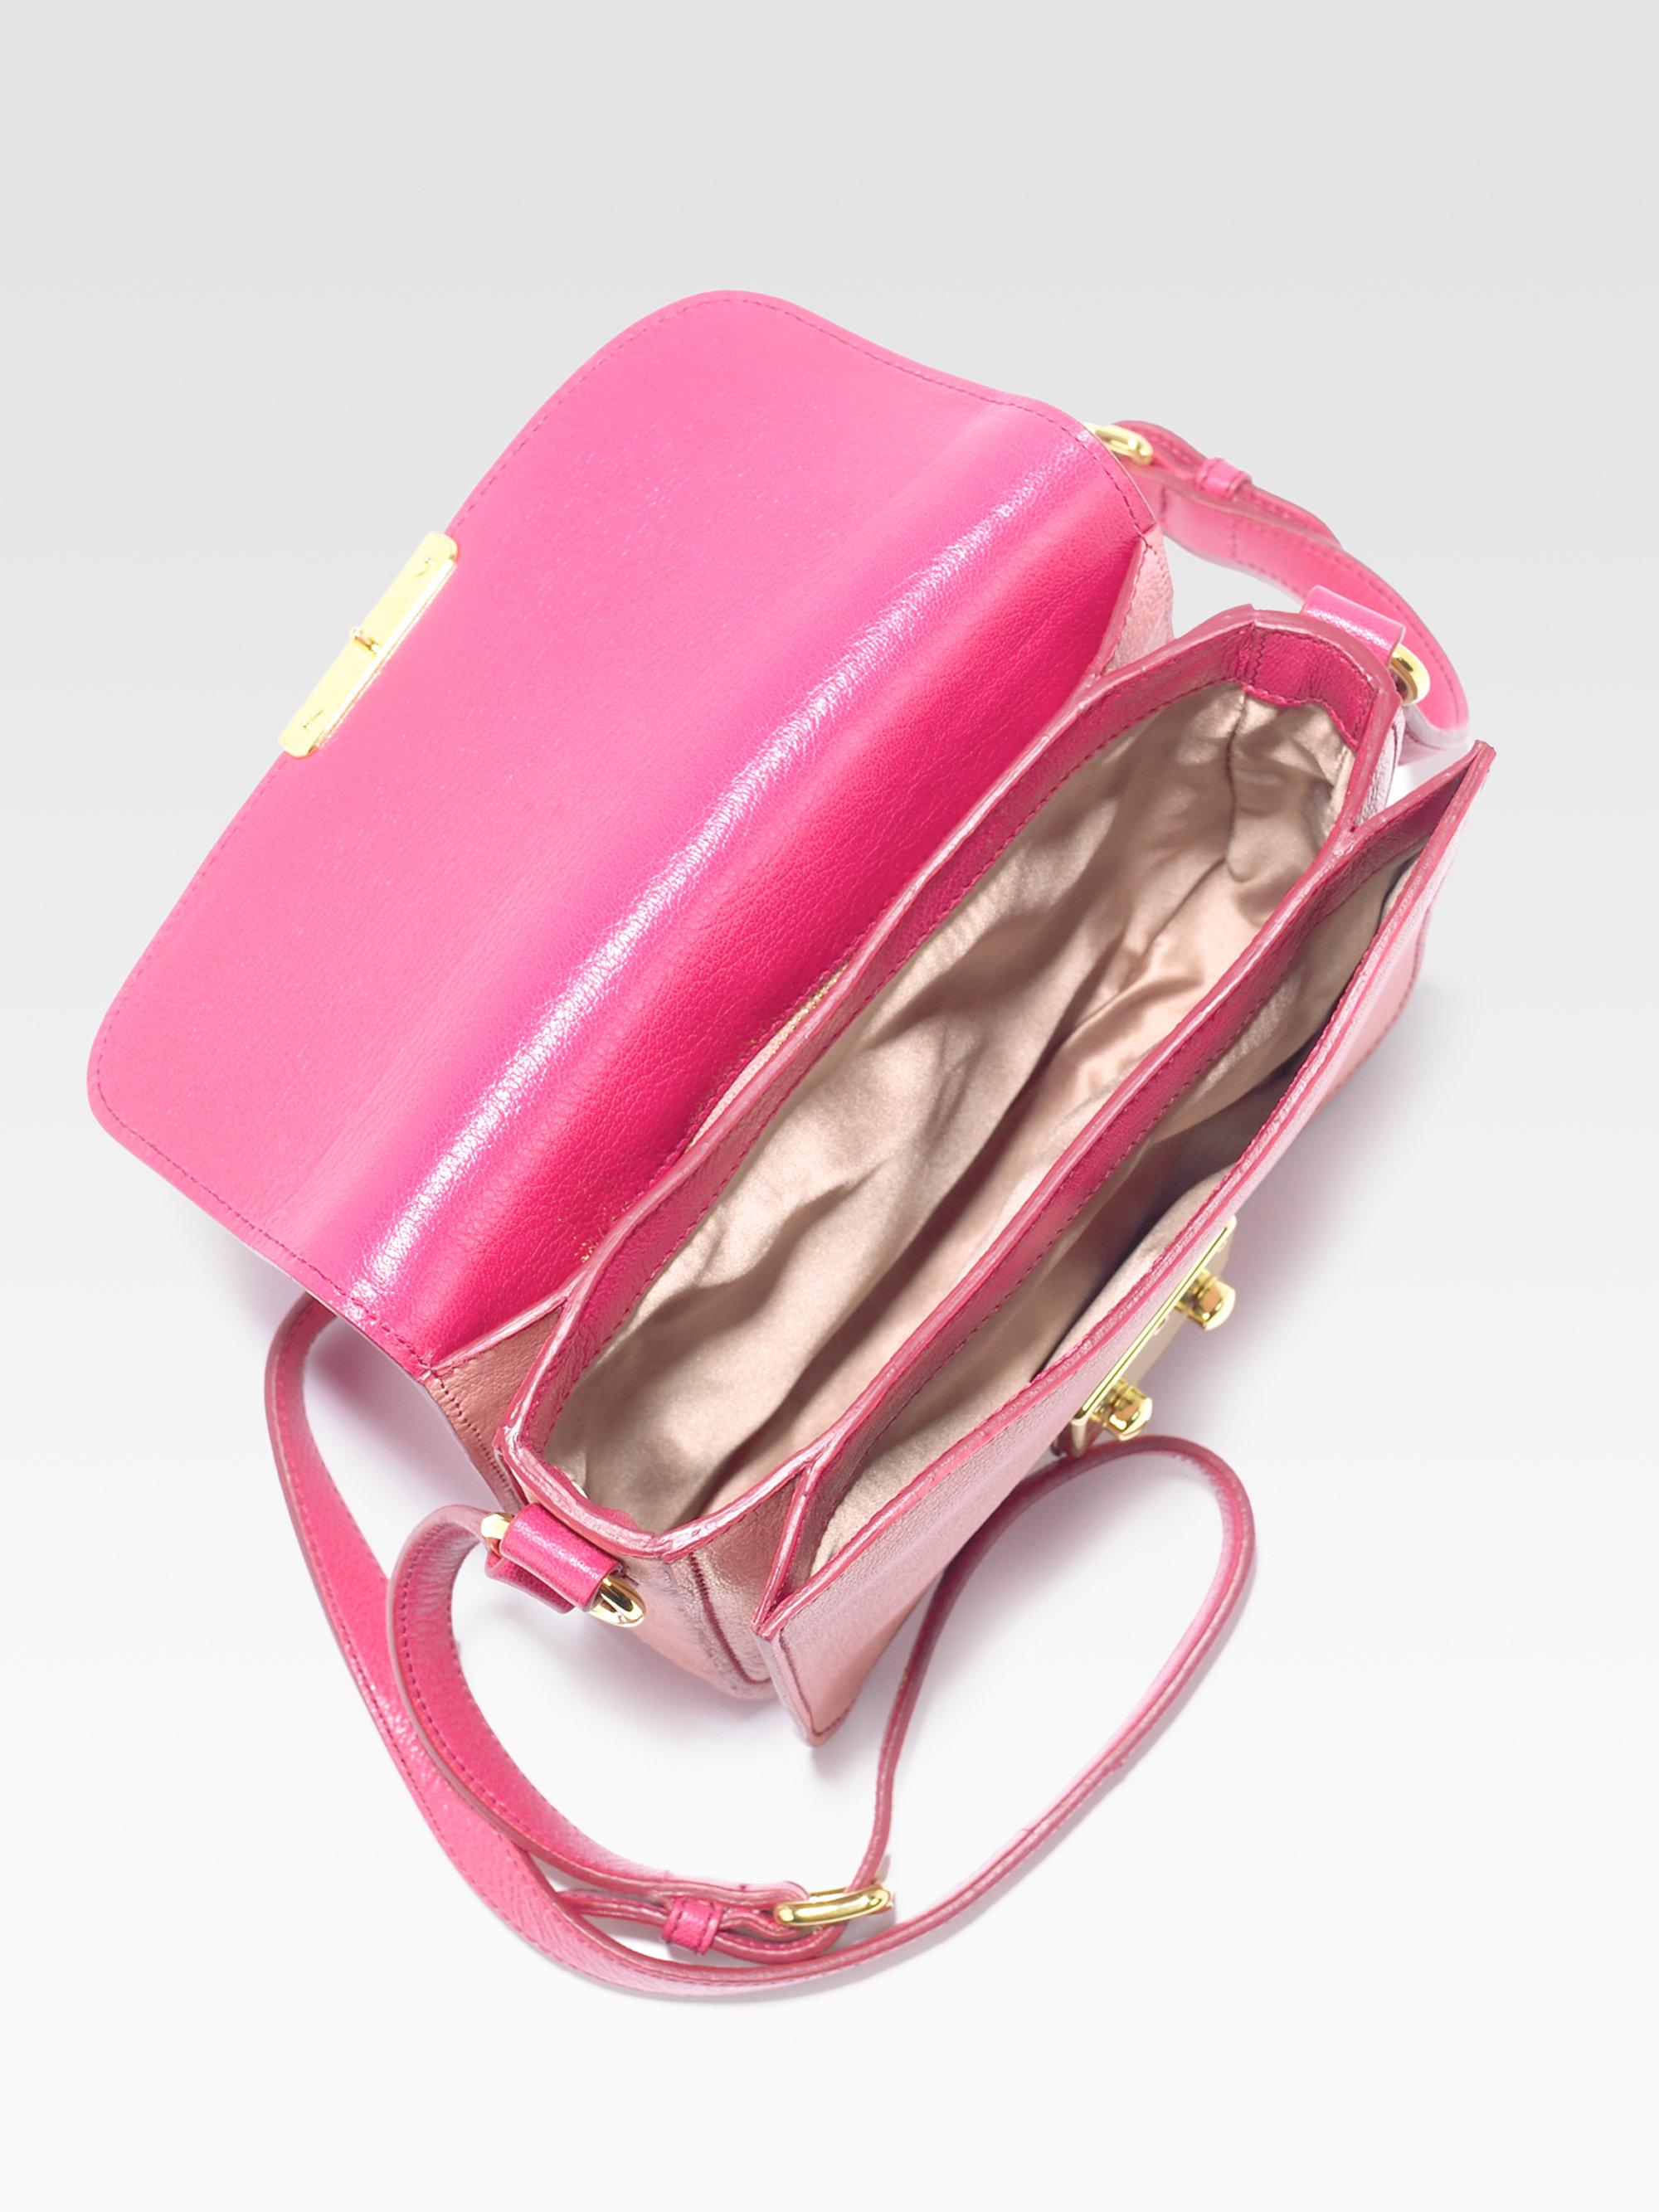 prada tote bags - prada bi-color madras crossbody bag, cheap fake prada purses